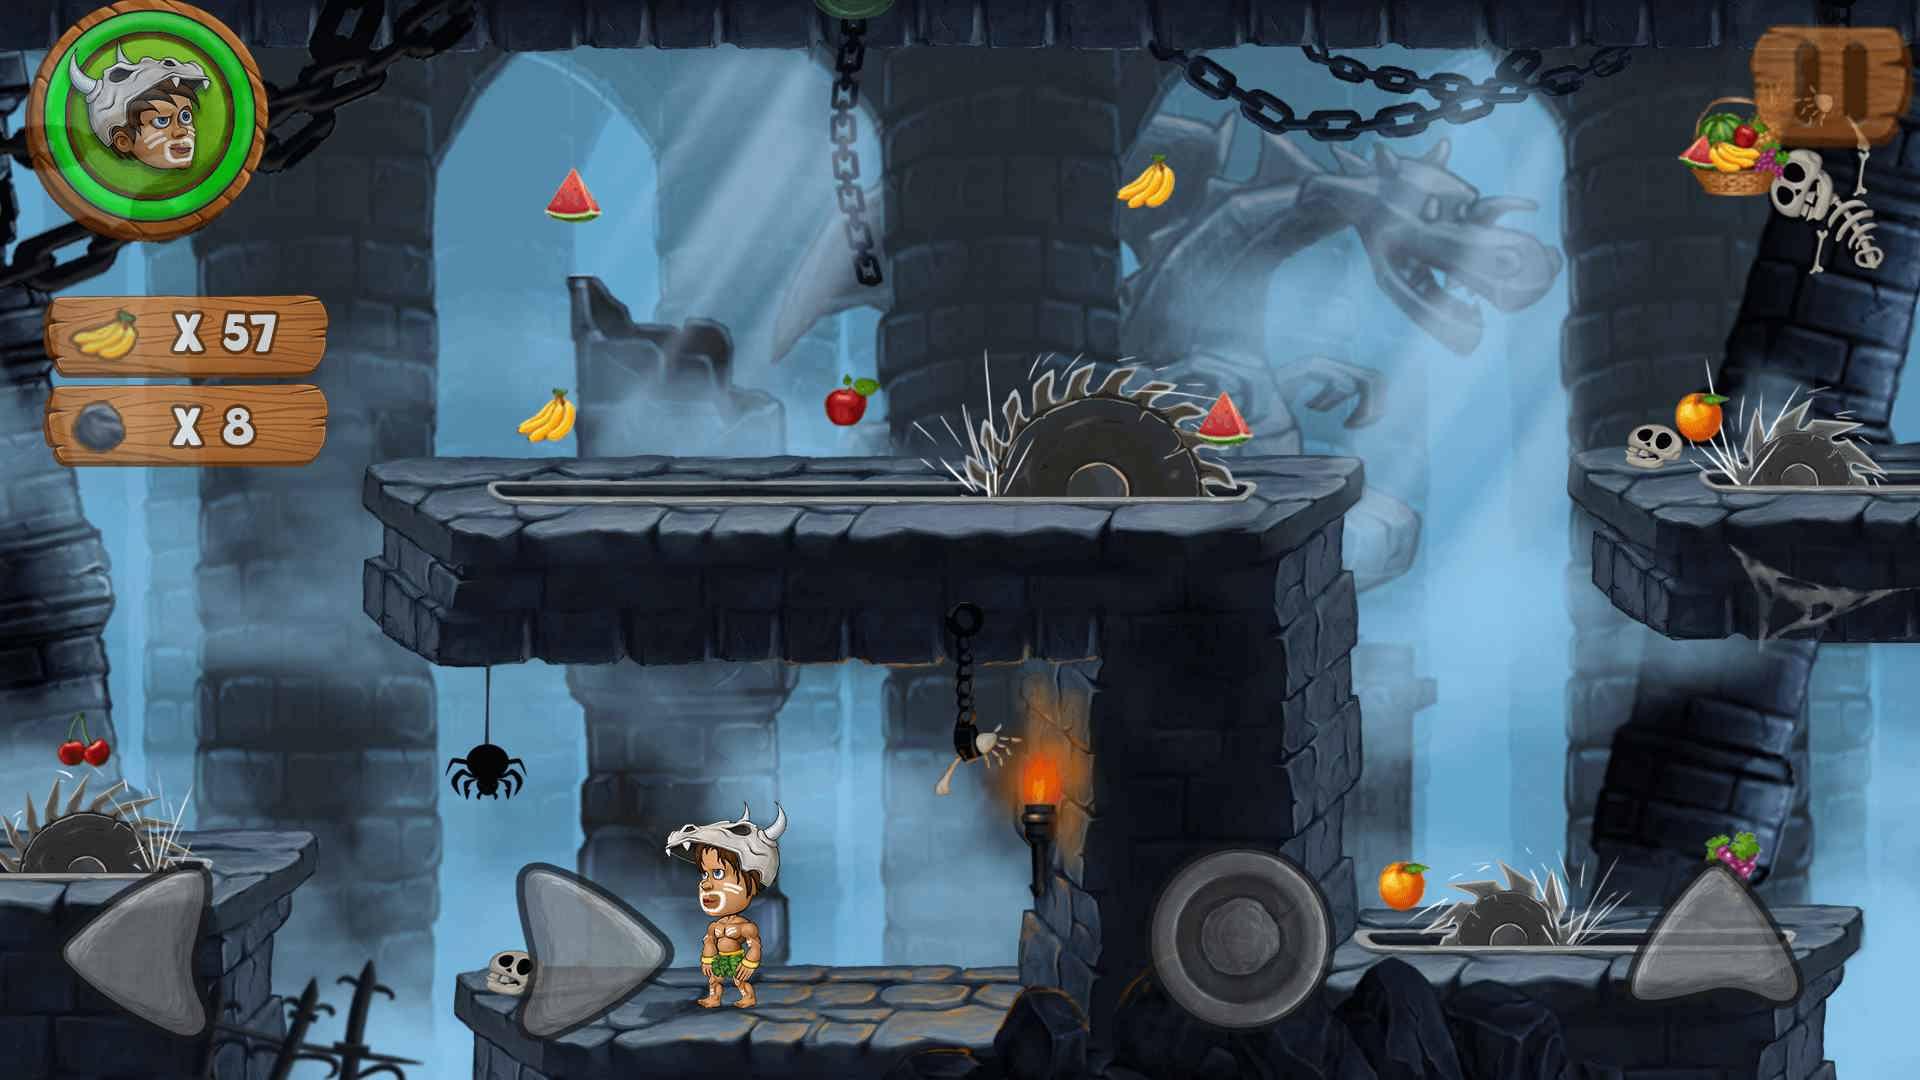 دانلود Jungle Adventures 2 v47.0.27 – بازی ماجراجویی در جنگل اندروید